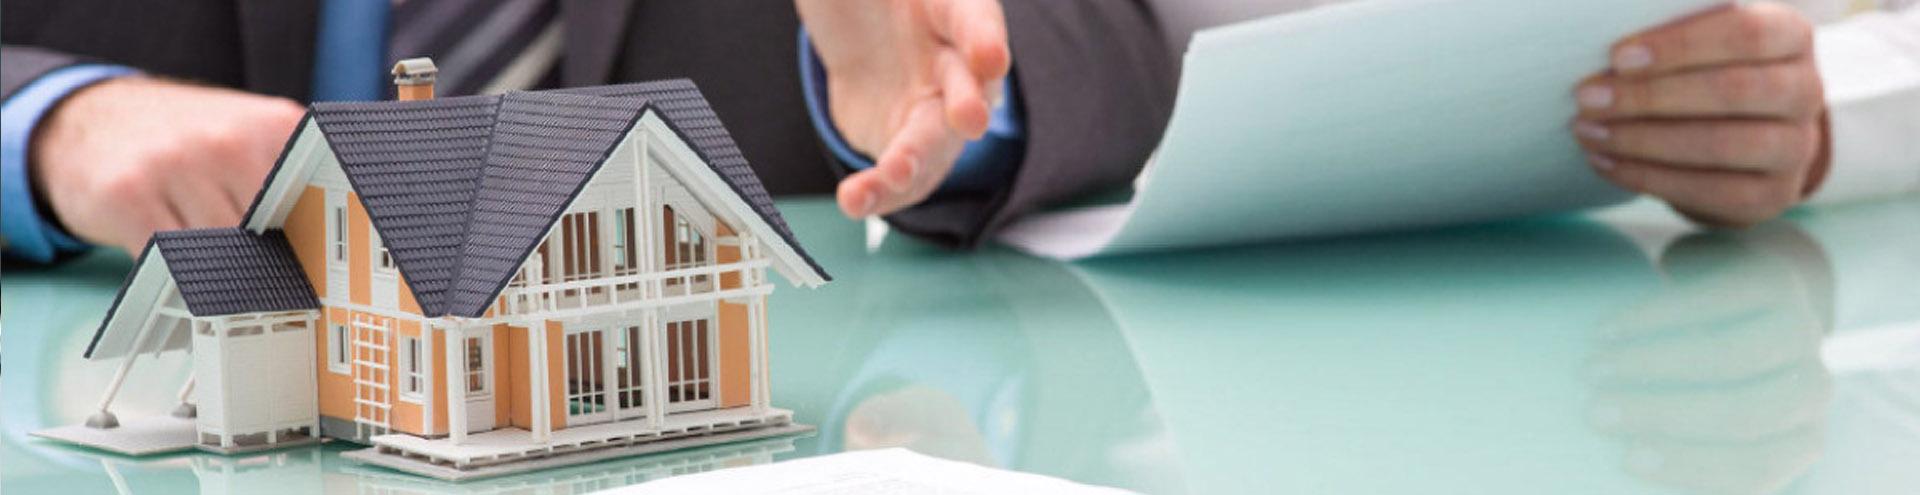 услуги юриста по недвижимости в Самаре